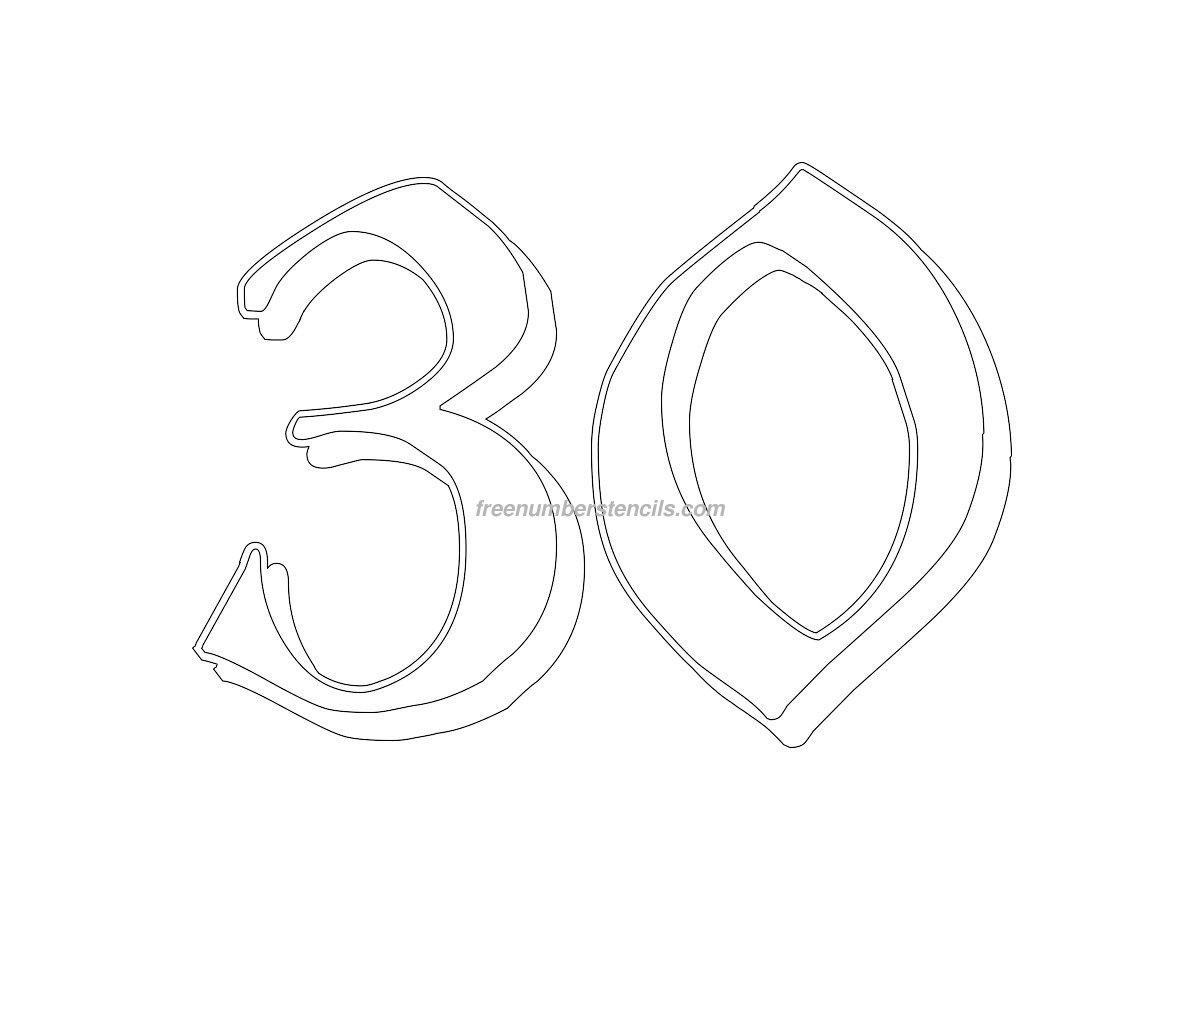 Free Gothic 30 Number Stencil - Freenumberstencils.com